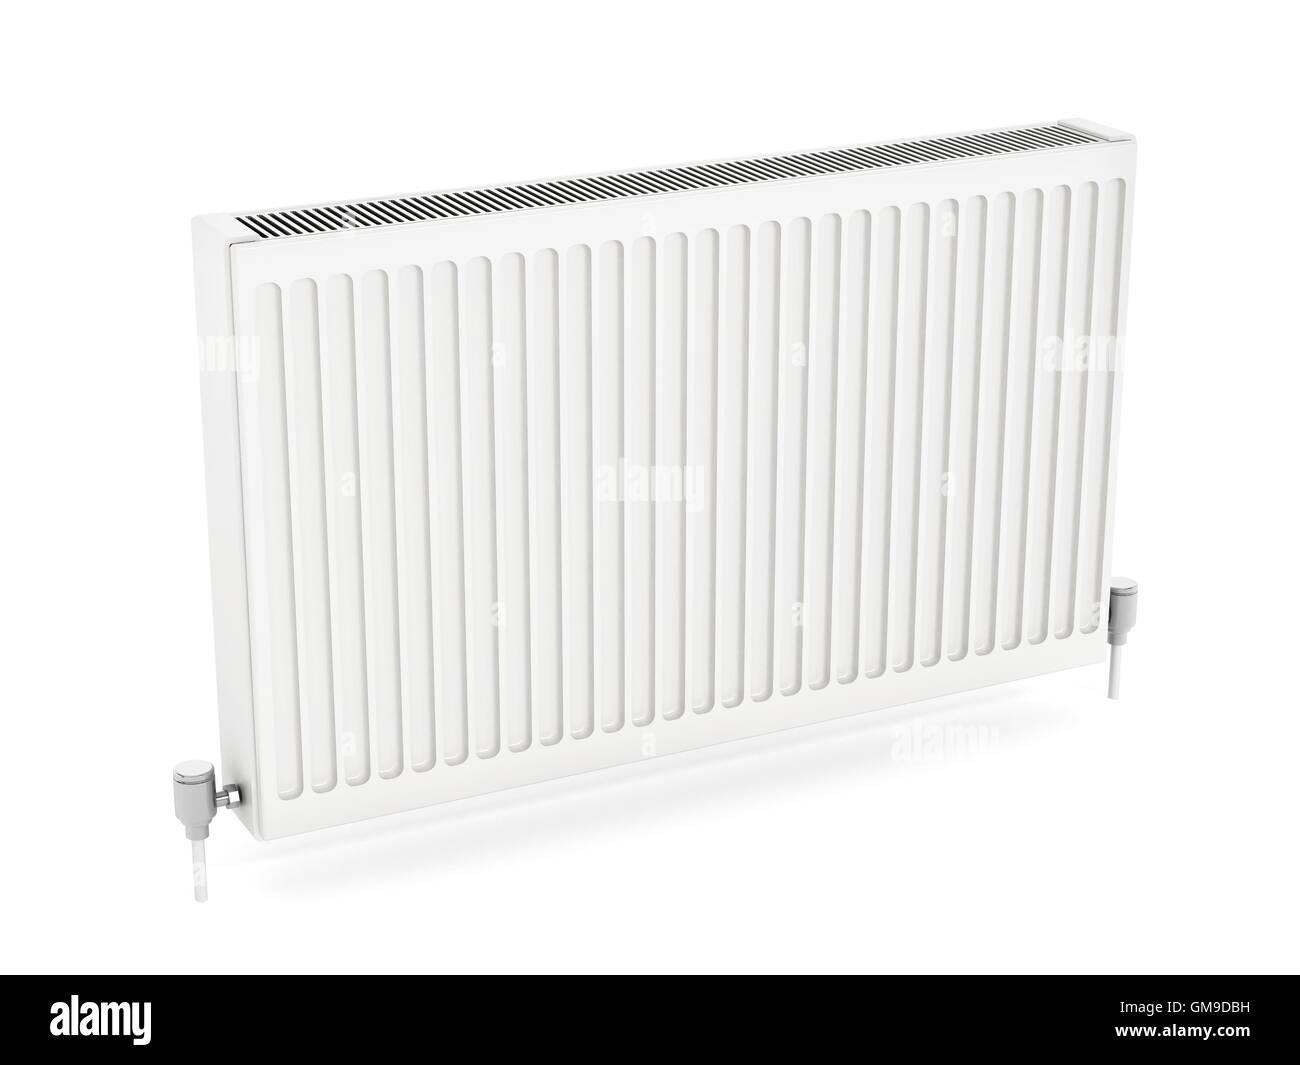 Radiator isolated on white background. 3D illustration. - Stock Image